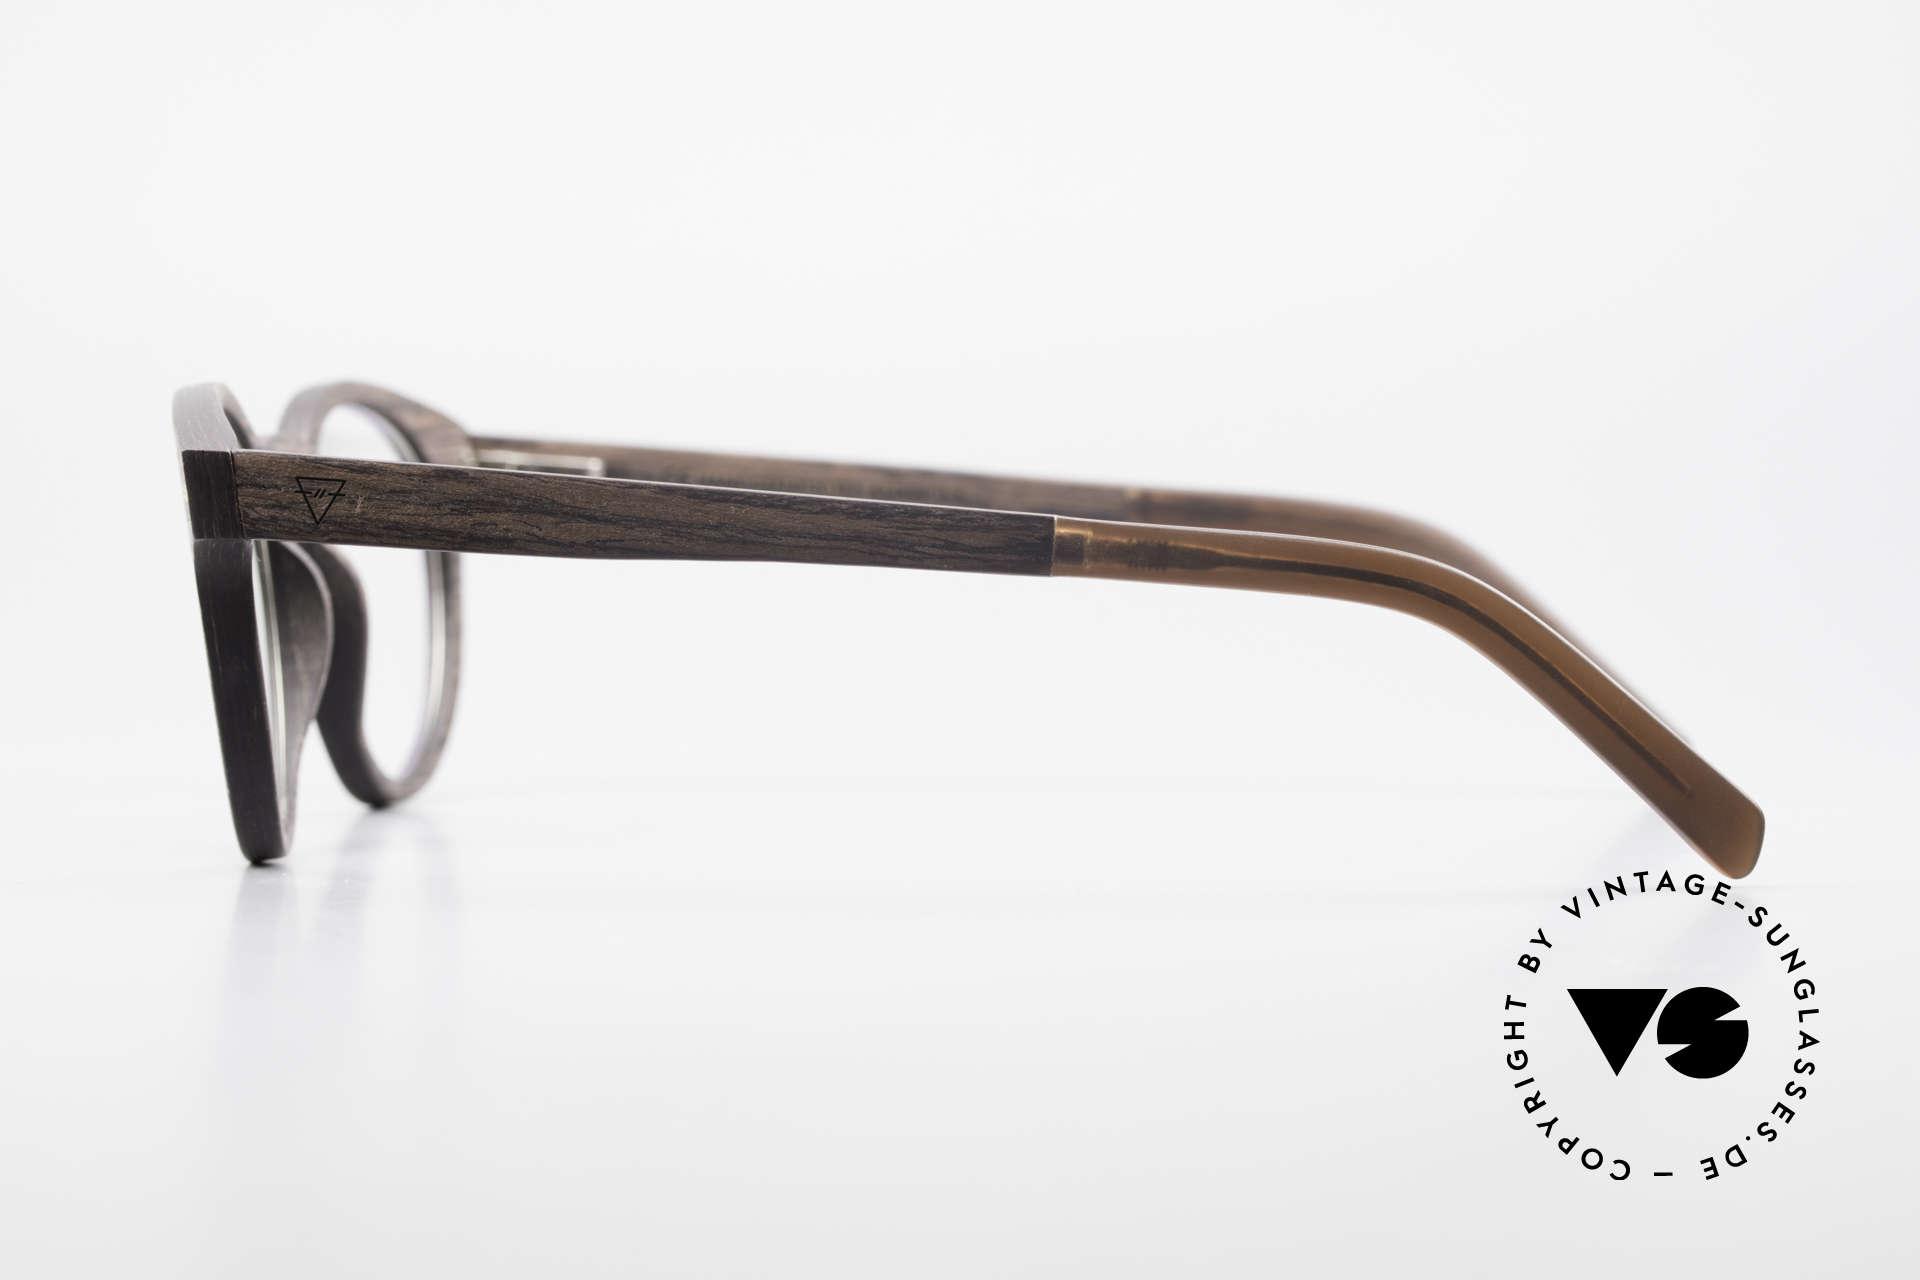 Kerbholz Friedrich Panto Holzbrille Kingwood, jedes Holz-Modell ist individuell (dank der Maserung), Passend für Herren und Damen